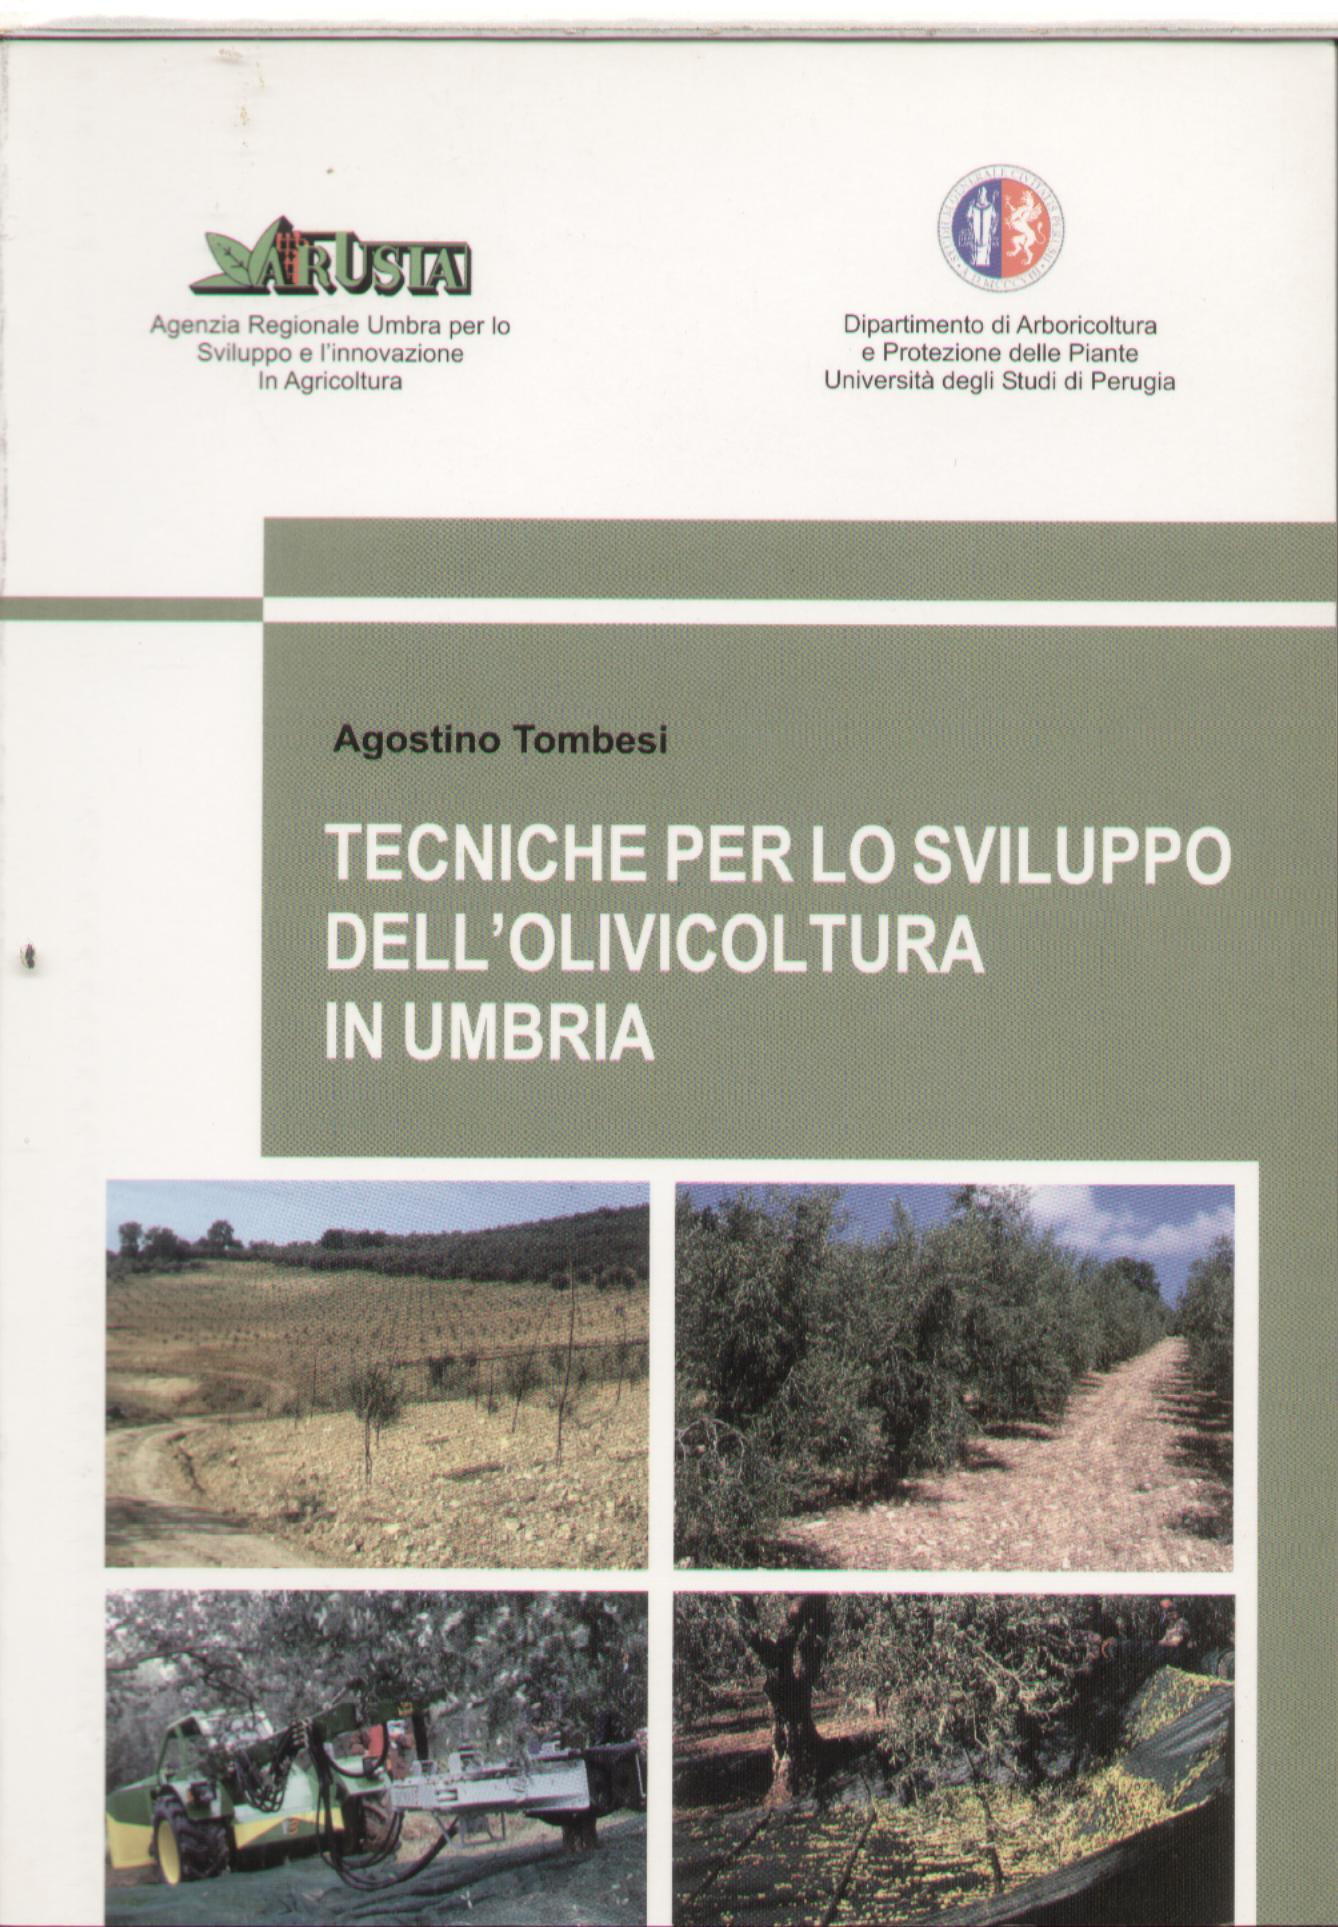 Tecniche per lo sviluppo dell'olivicoltura in Umbria